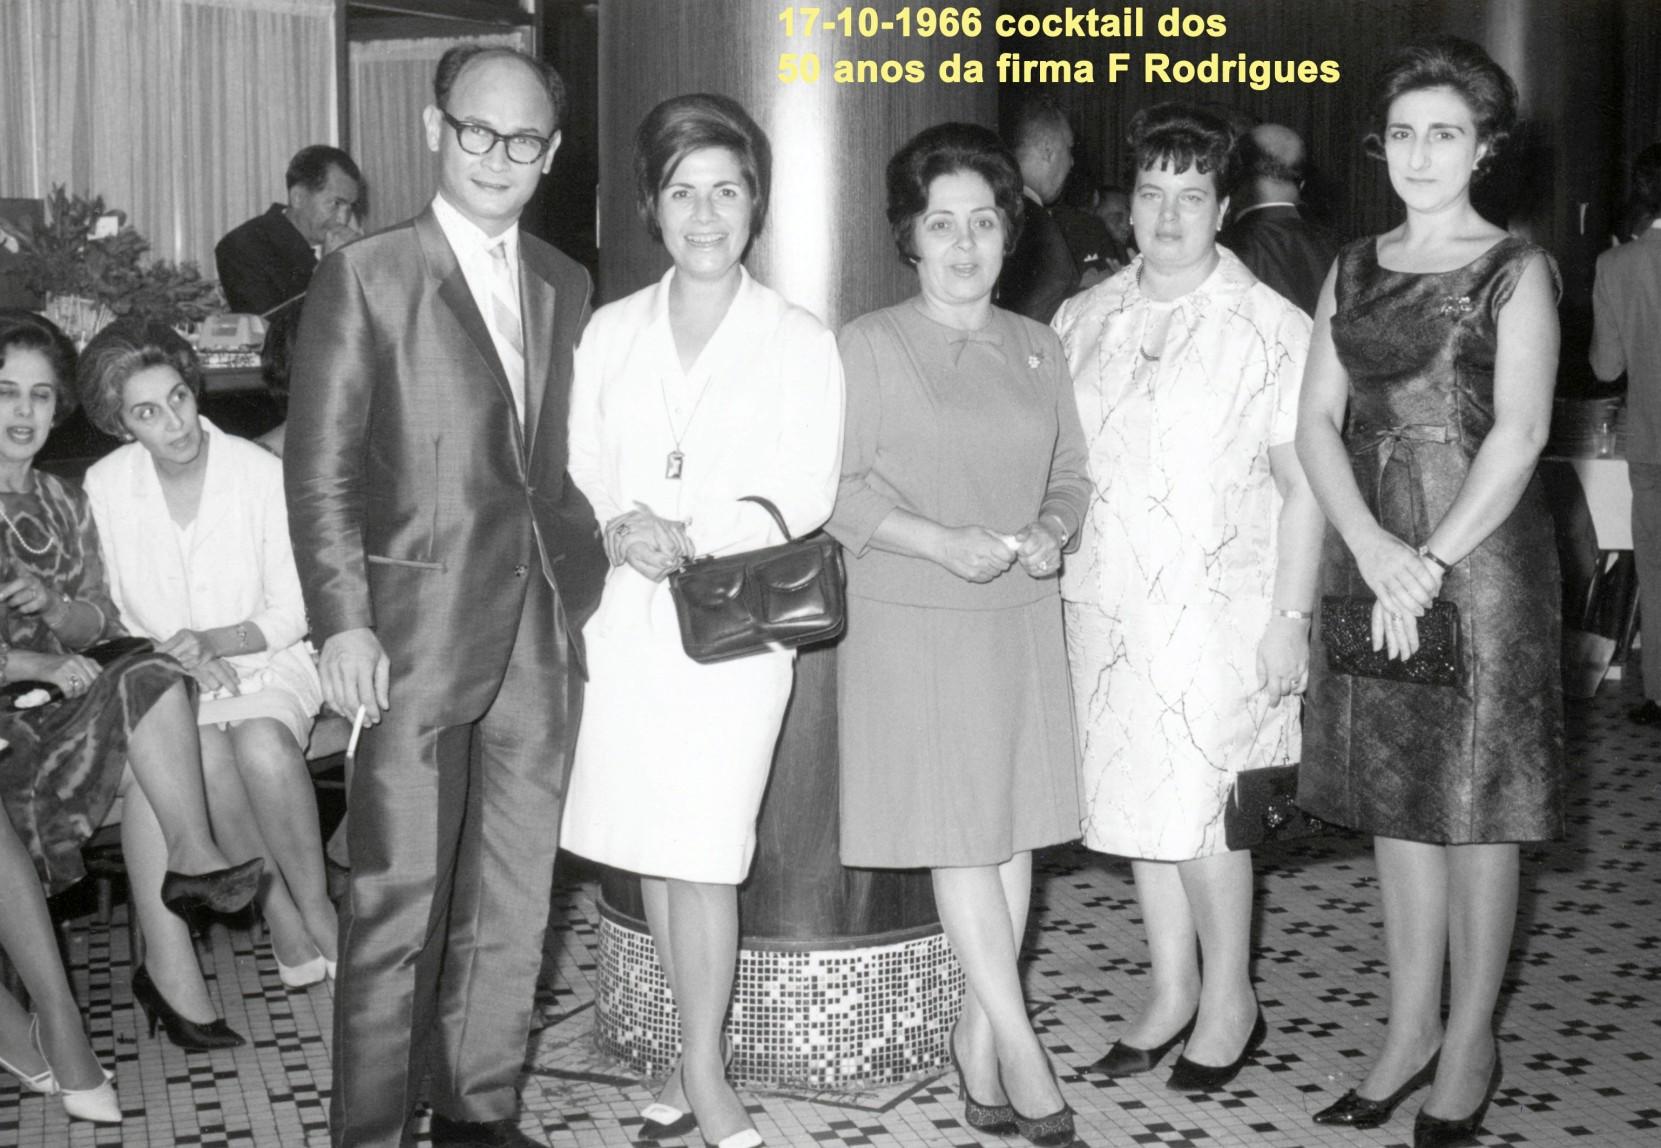 038 66-10-17 coctail da firma F Rodrigues